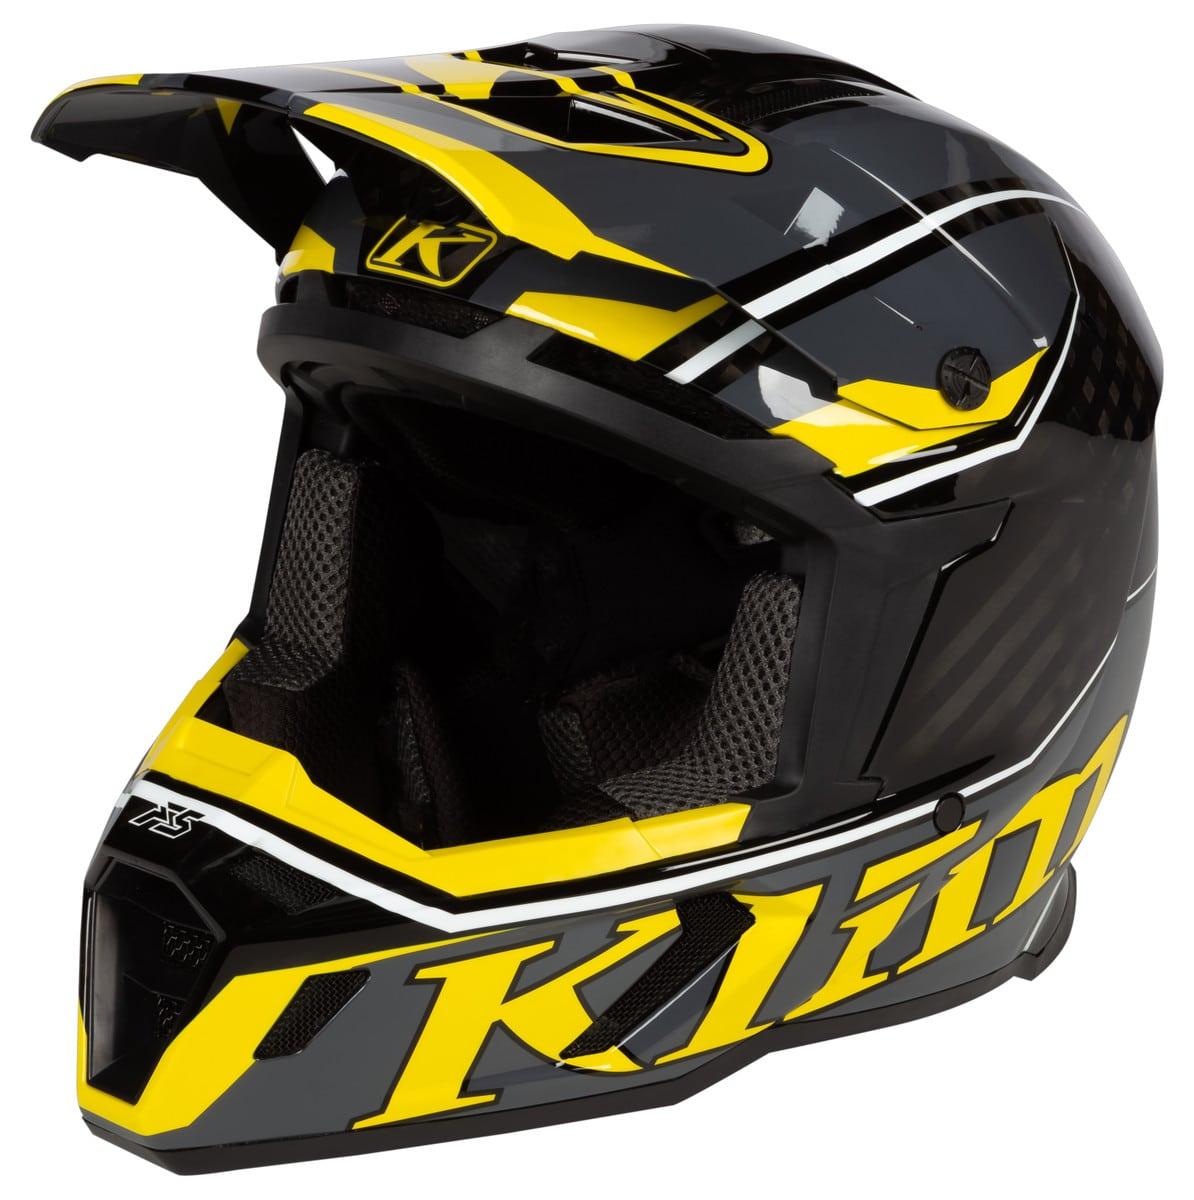 F5 Helmet Jet Klim Yellow